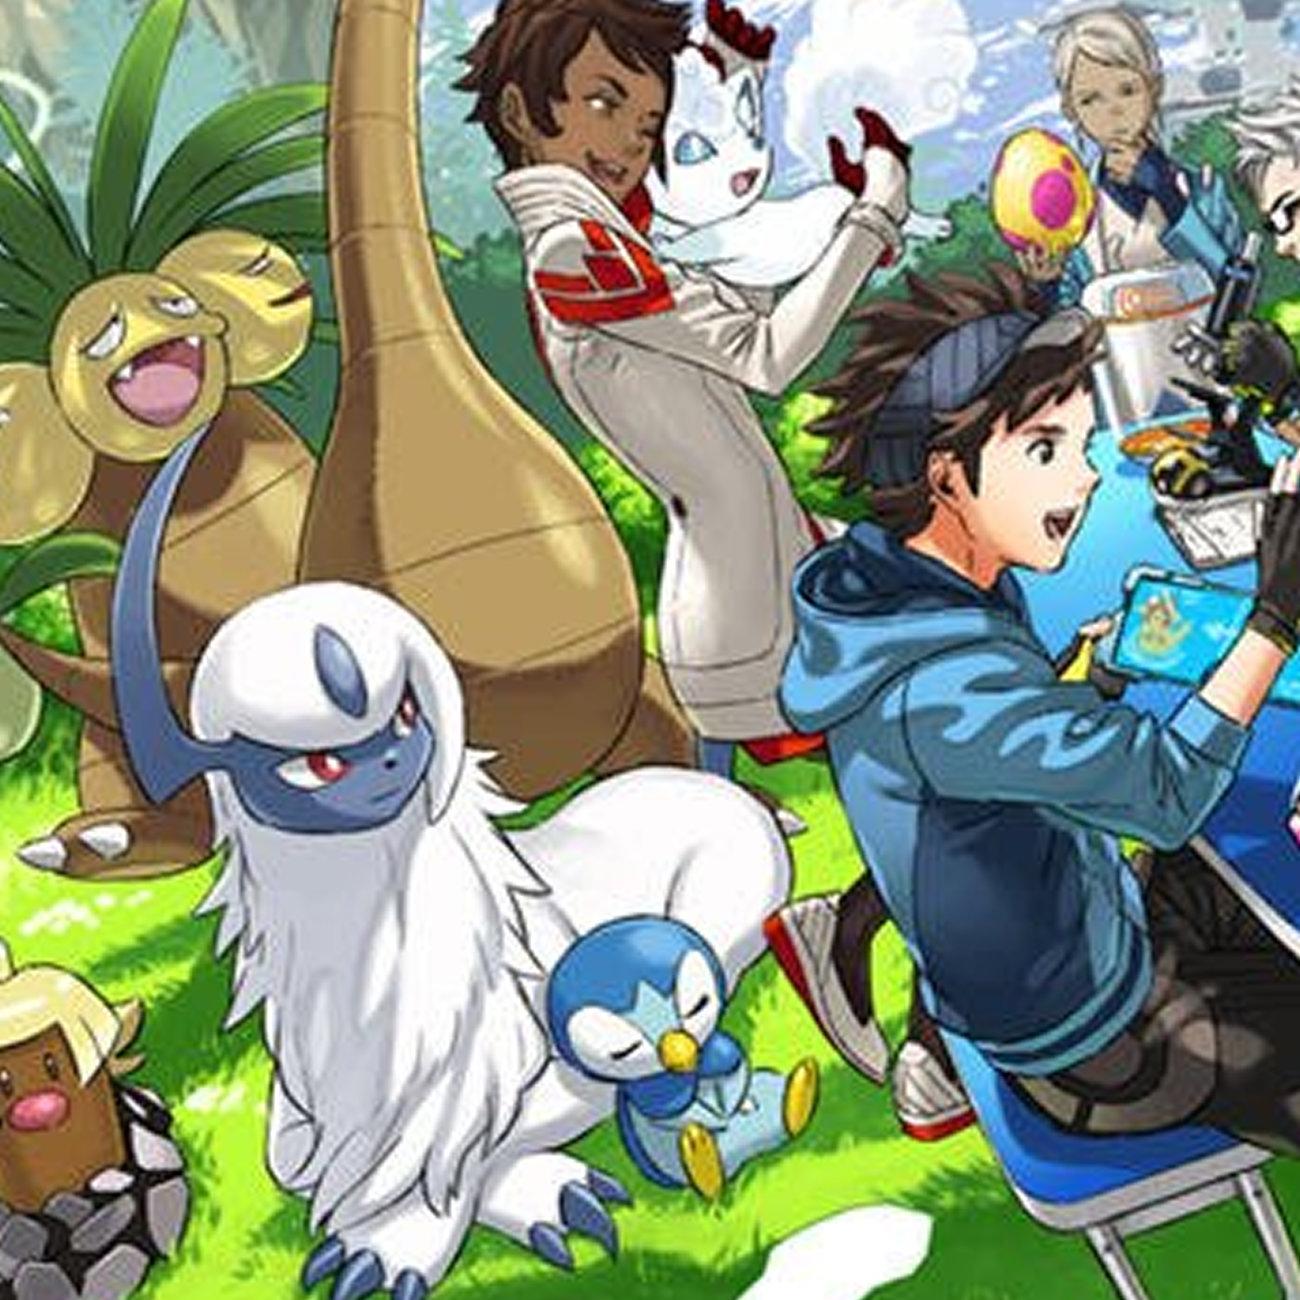 ポケモンGO、対人戦の要素は2018年末を予定。新ポケモン